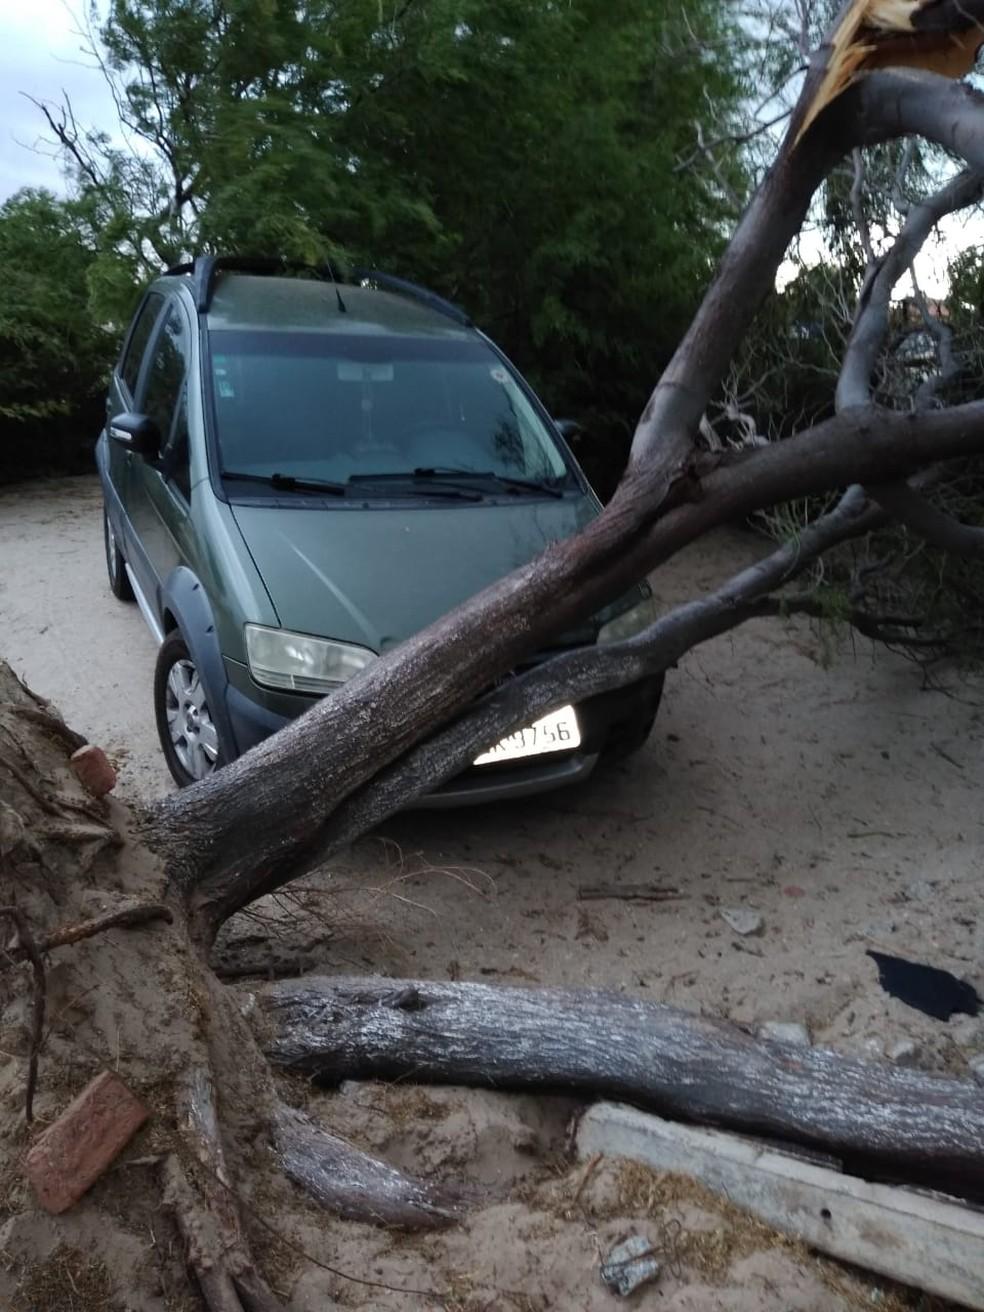 Árvore caiu sobre carro após ventania em Macau, RN — Foto: Denilson Luiz